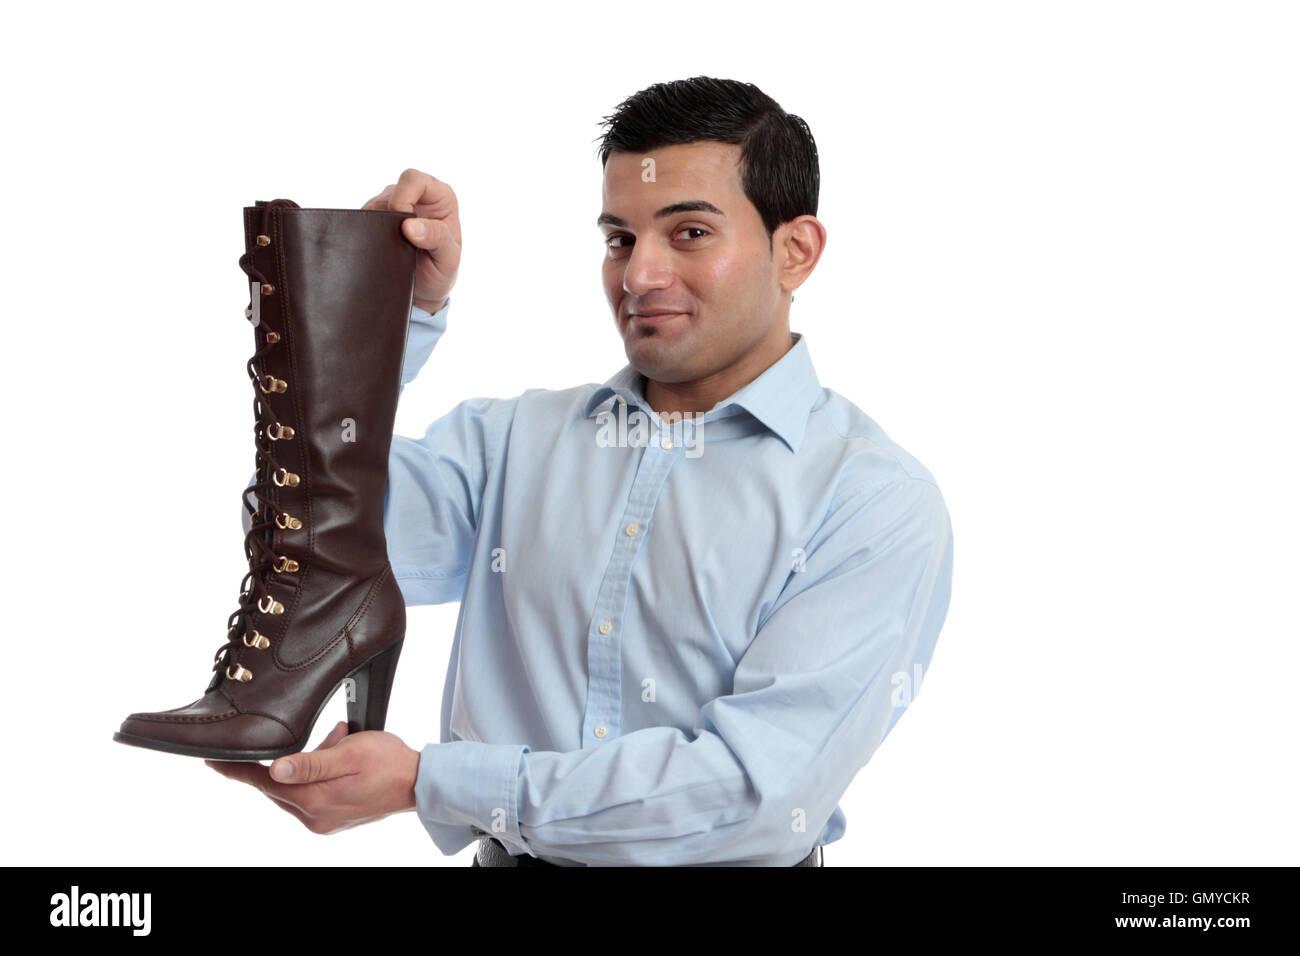 Lächelnde Einzelhandelskaufmann Stockfoto Bild 116157995 Alamy